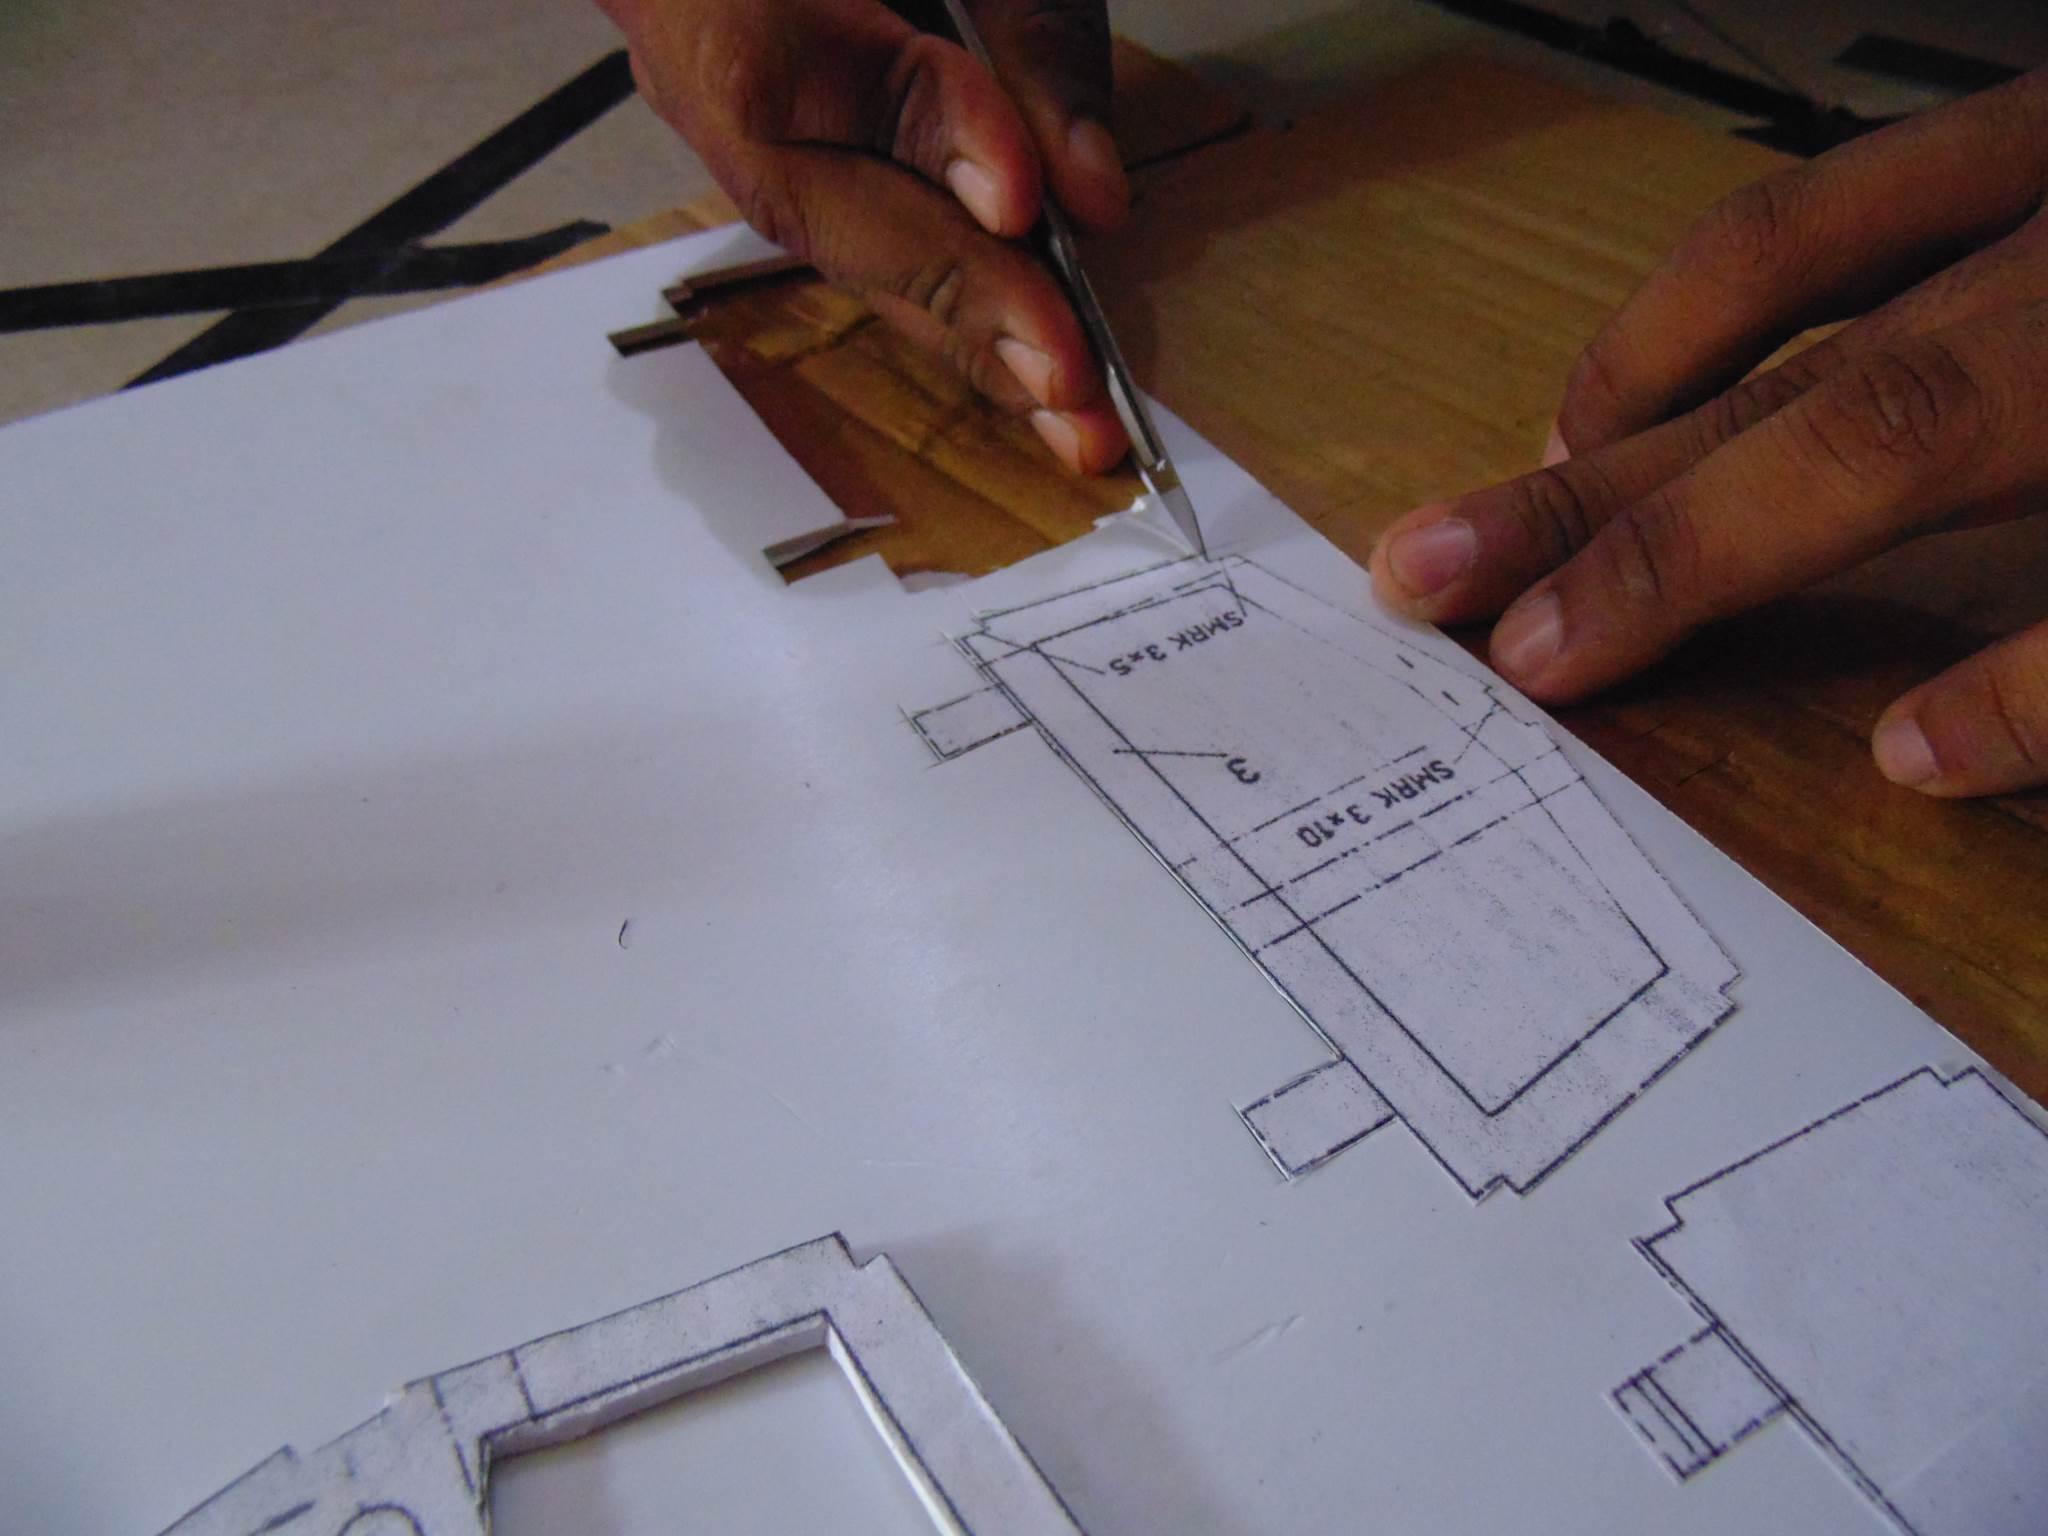 Cutting Sun Board or PVC Board using X-Acto Knife